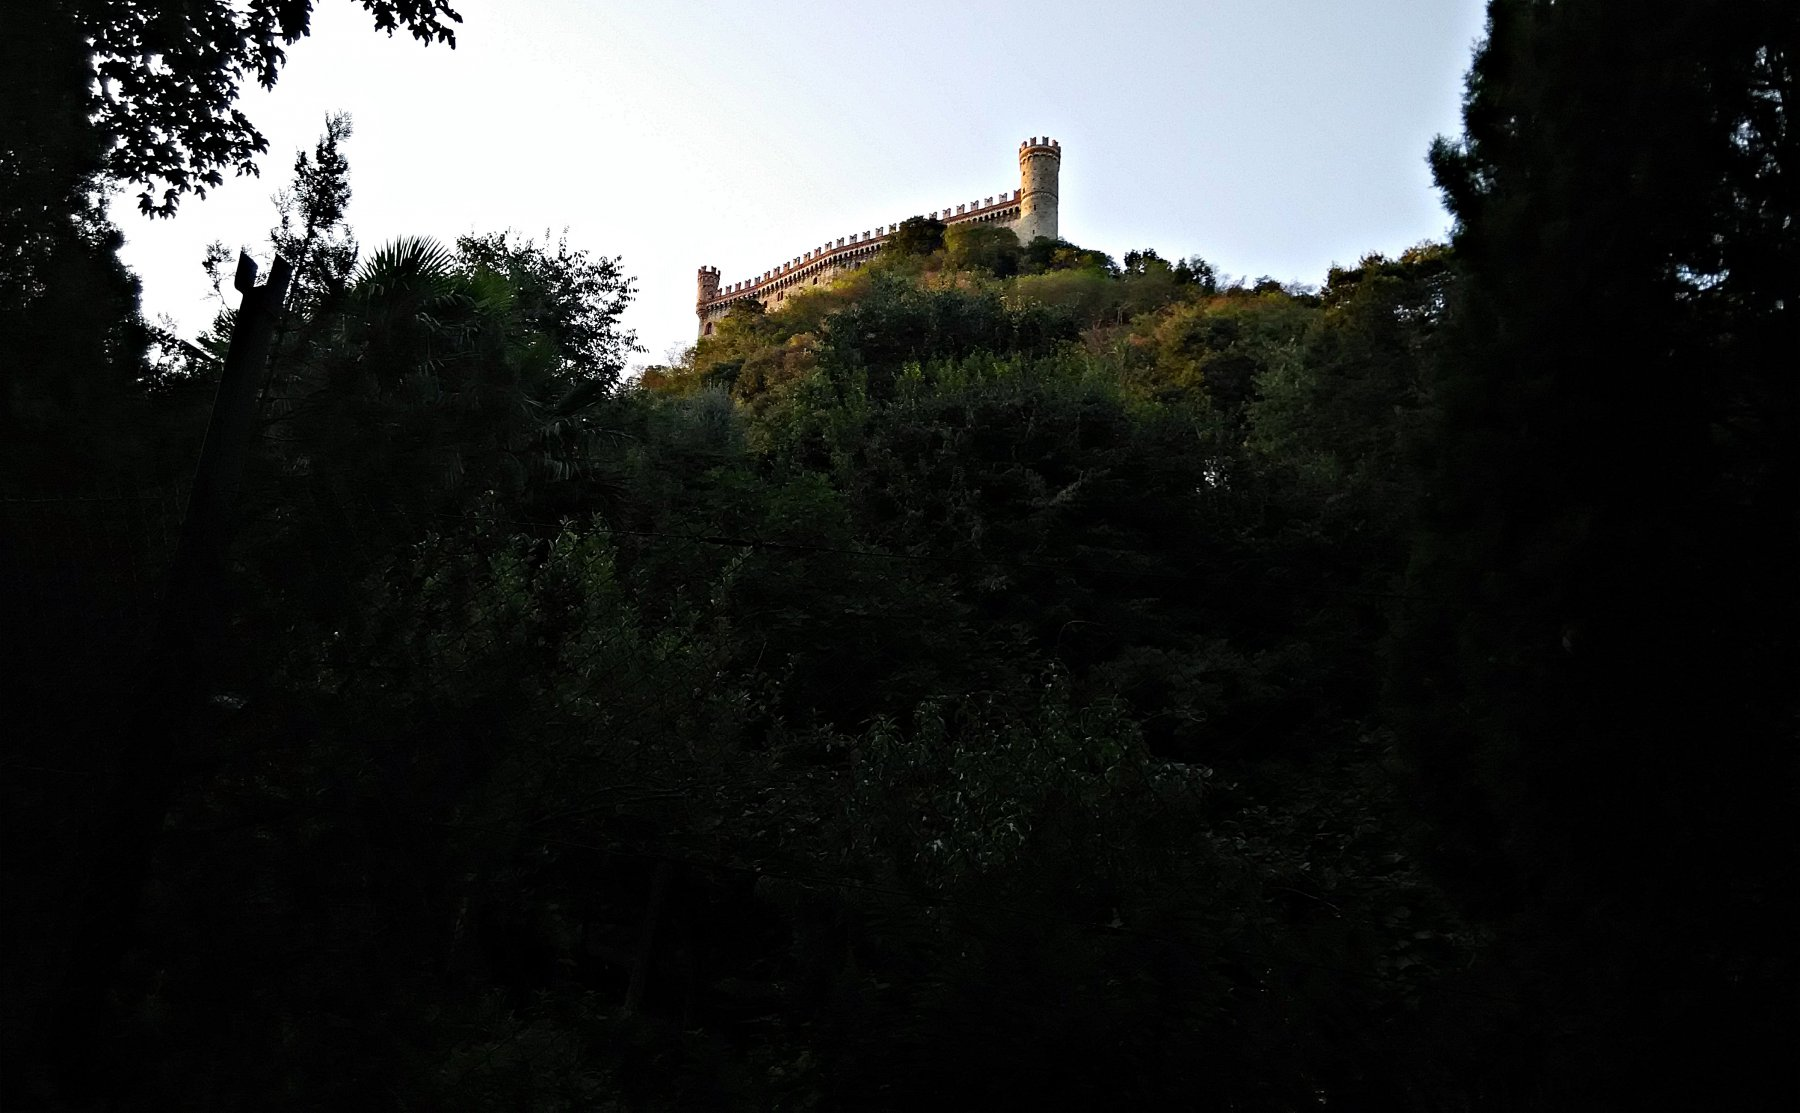 Nero, Pistono, Sirio (Laghi) da Montalto, anello dei laghi morenici di Ivrea 2015-10-16